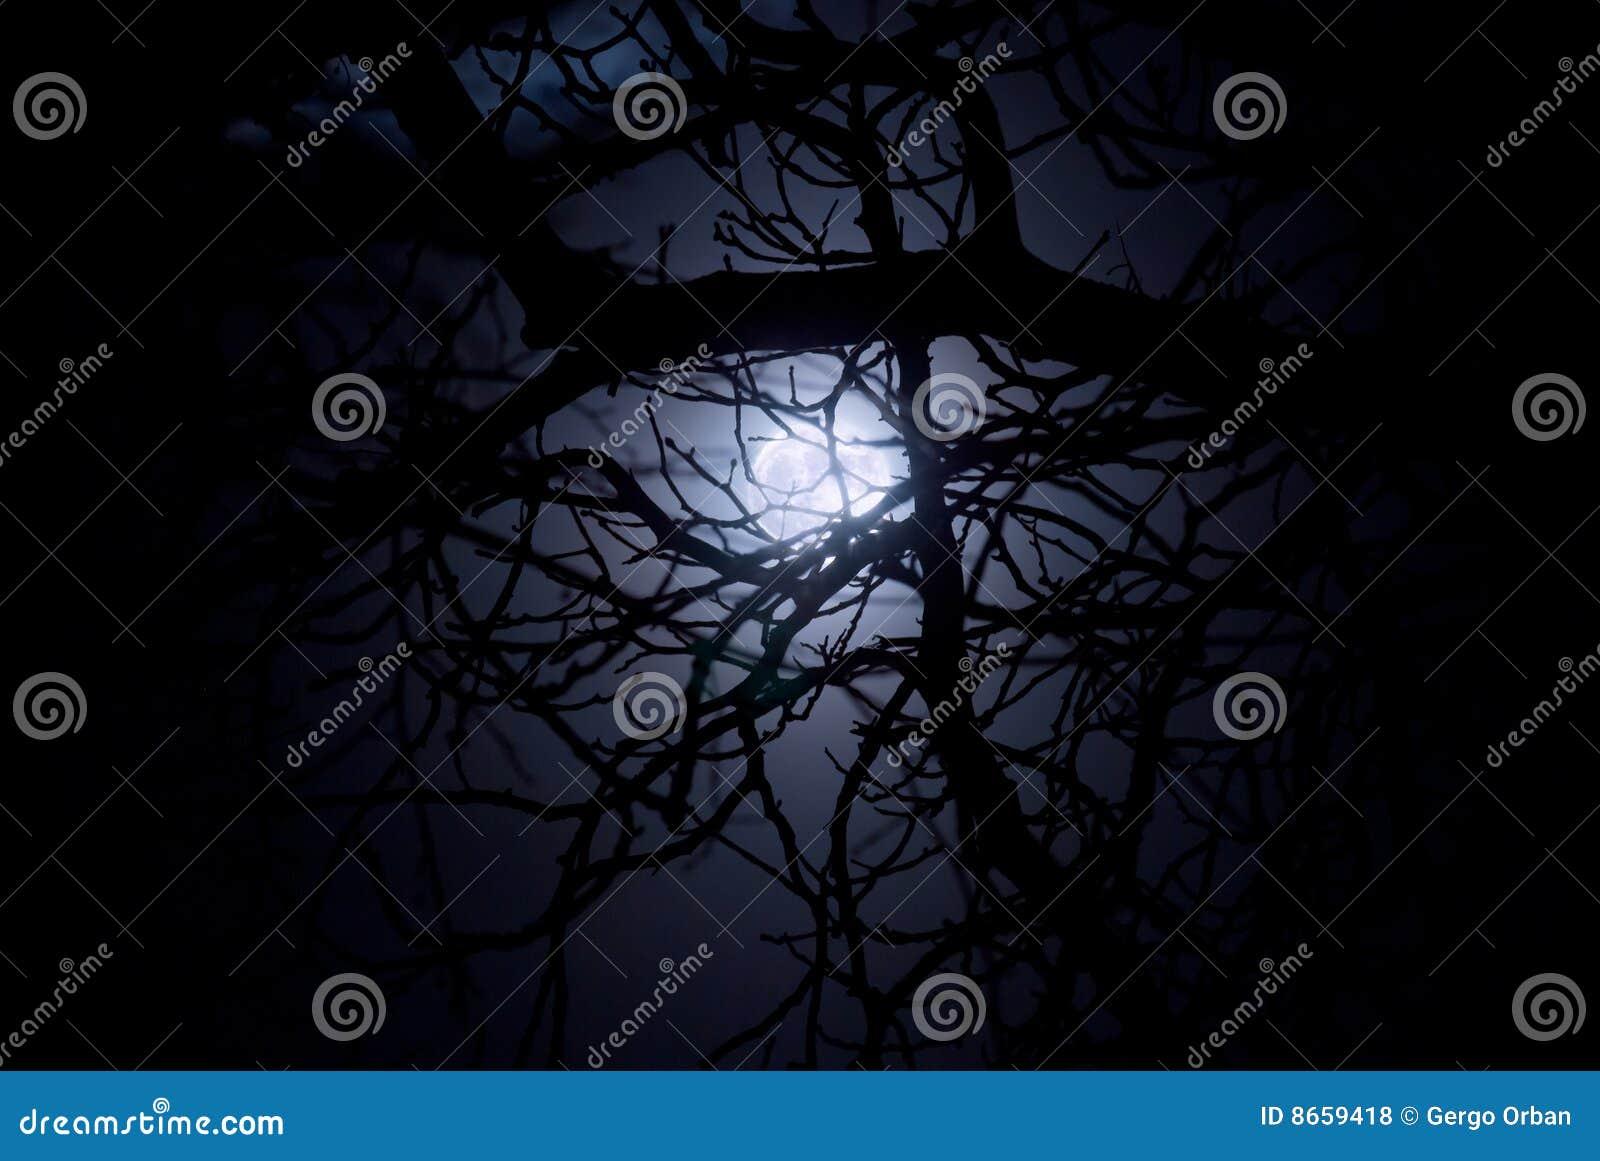 Clair de lune de minuit fantasmagorique